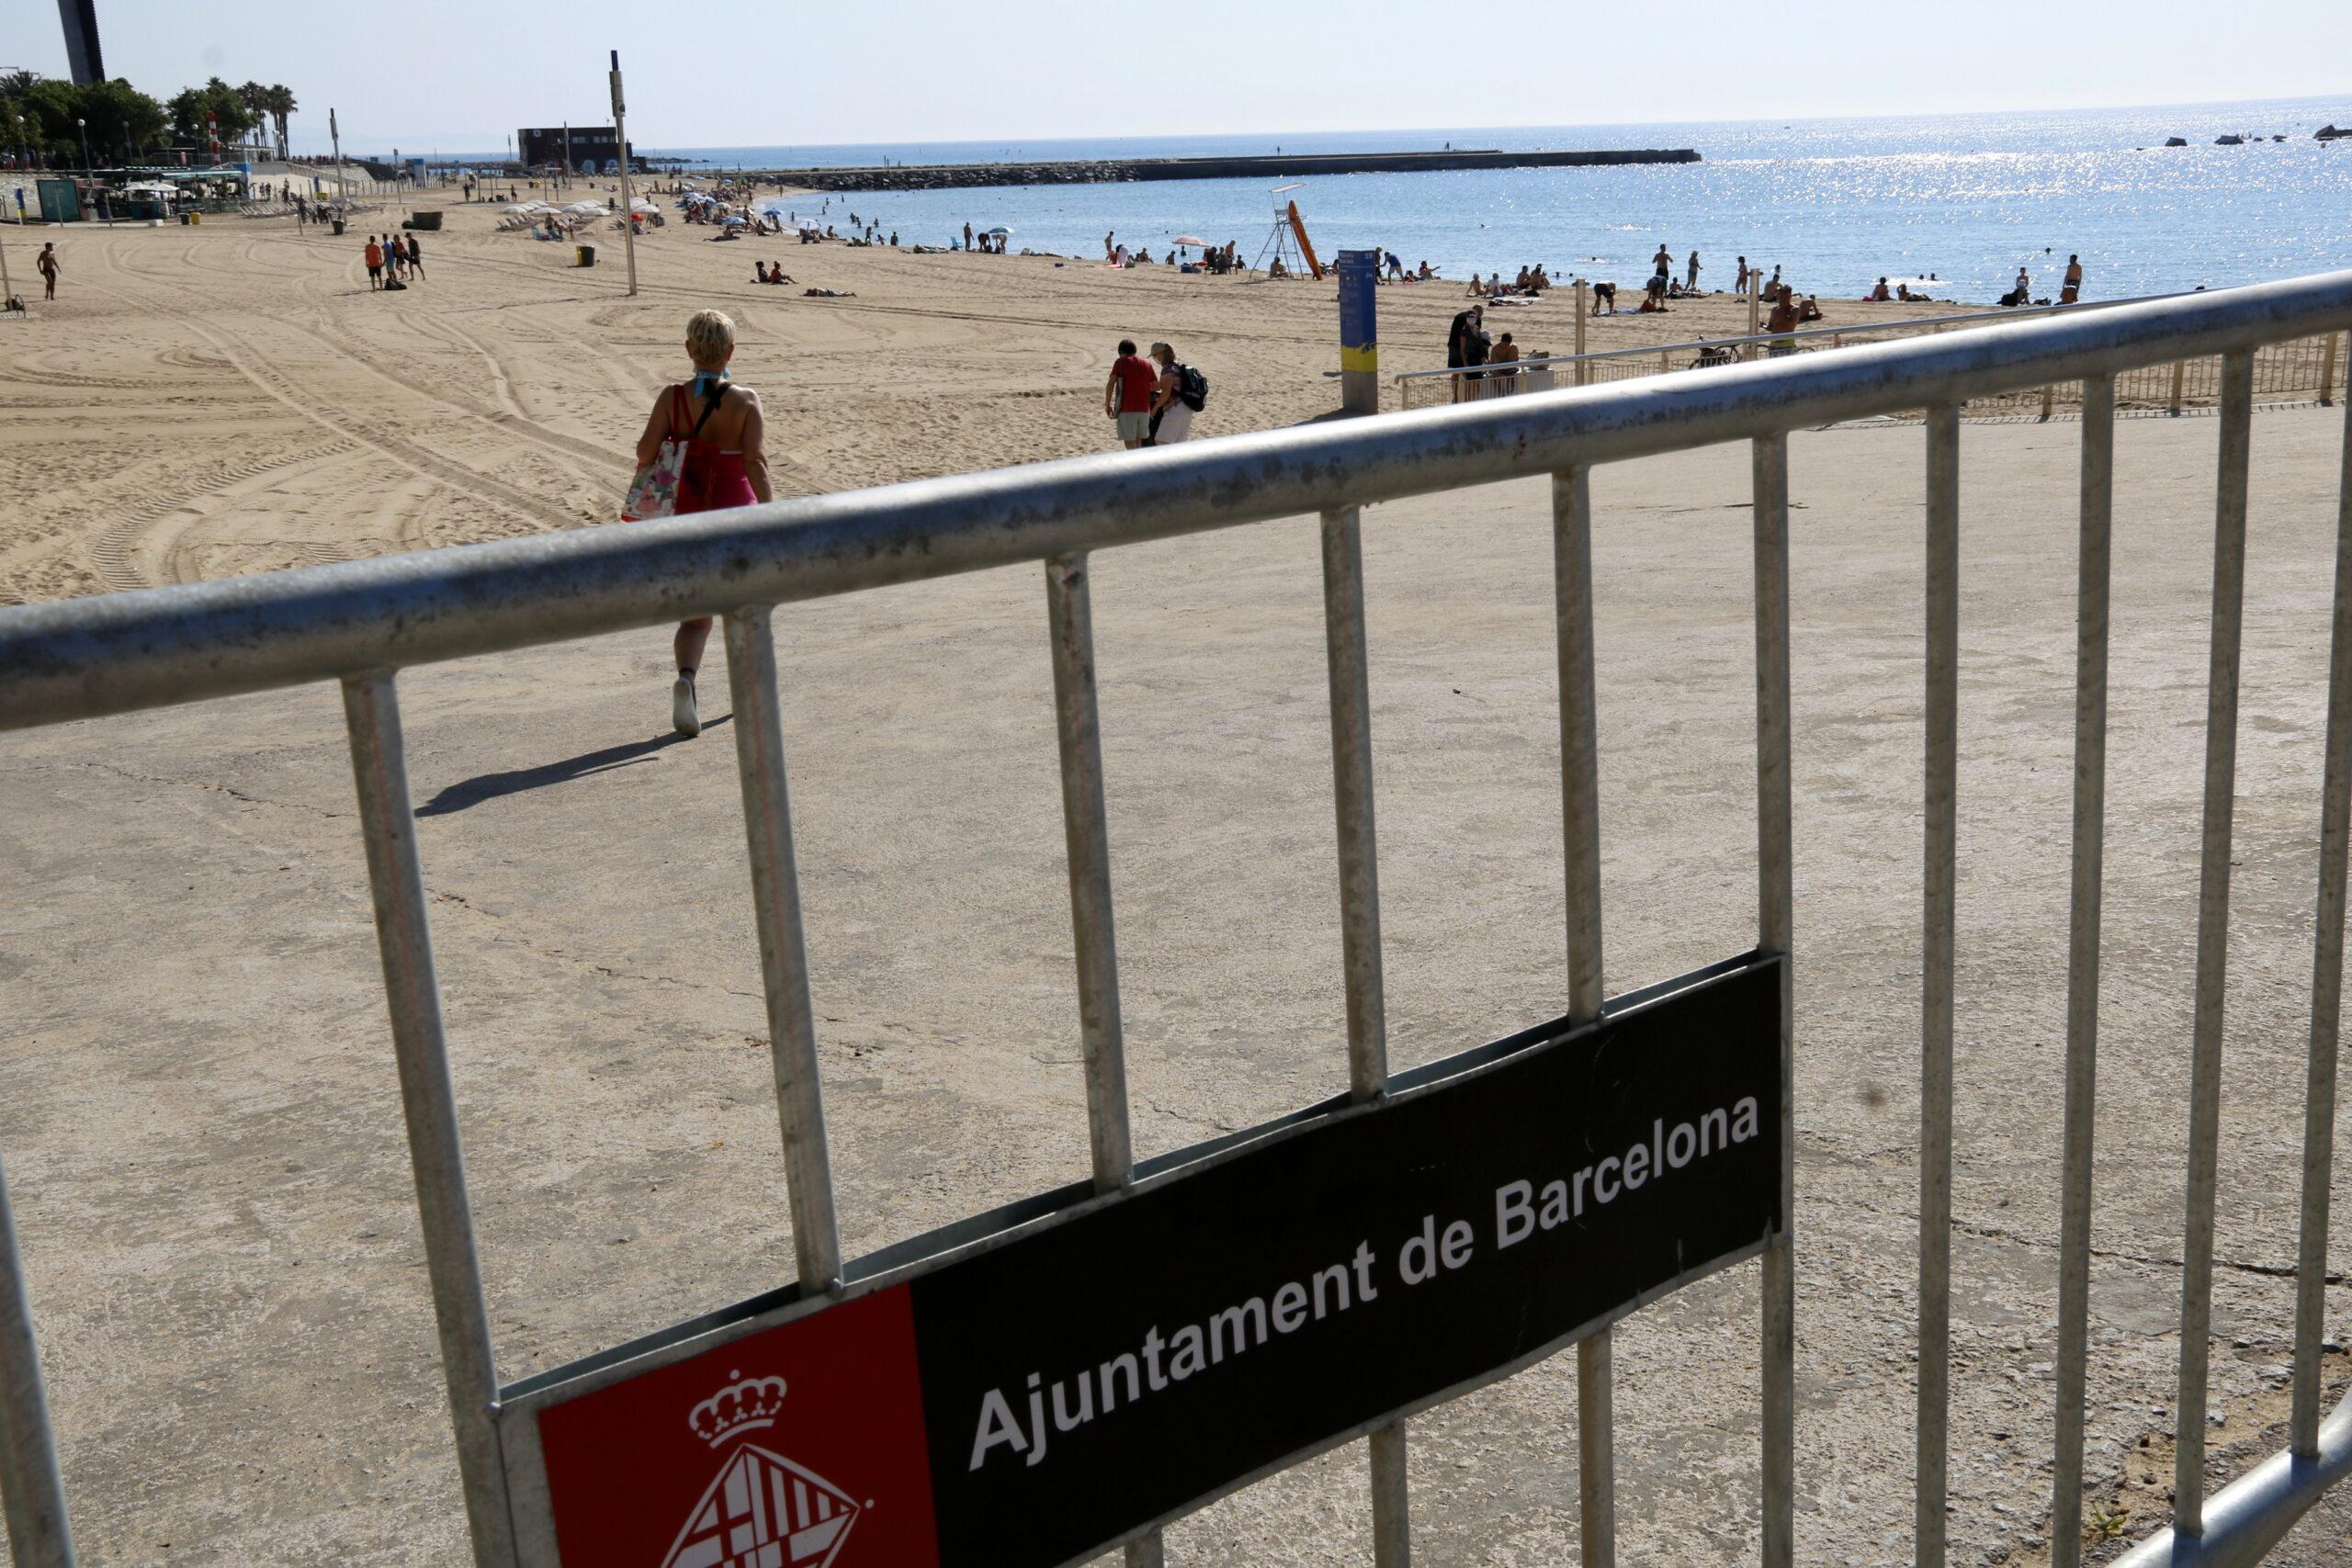 Tanca de l'Ajuntament de Barcelona amb platja de fons / ACN